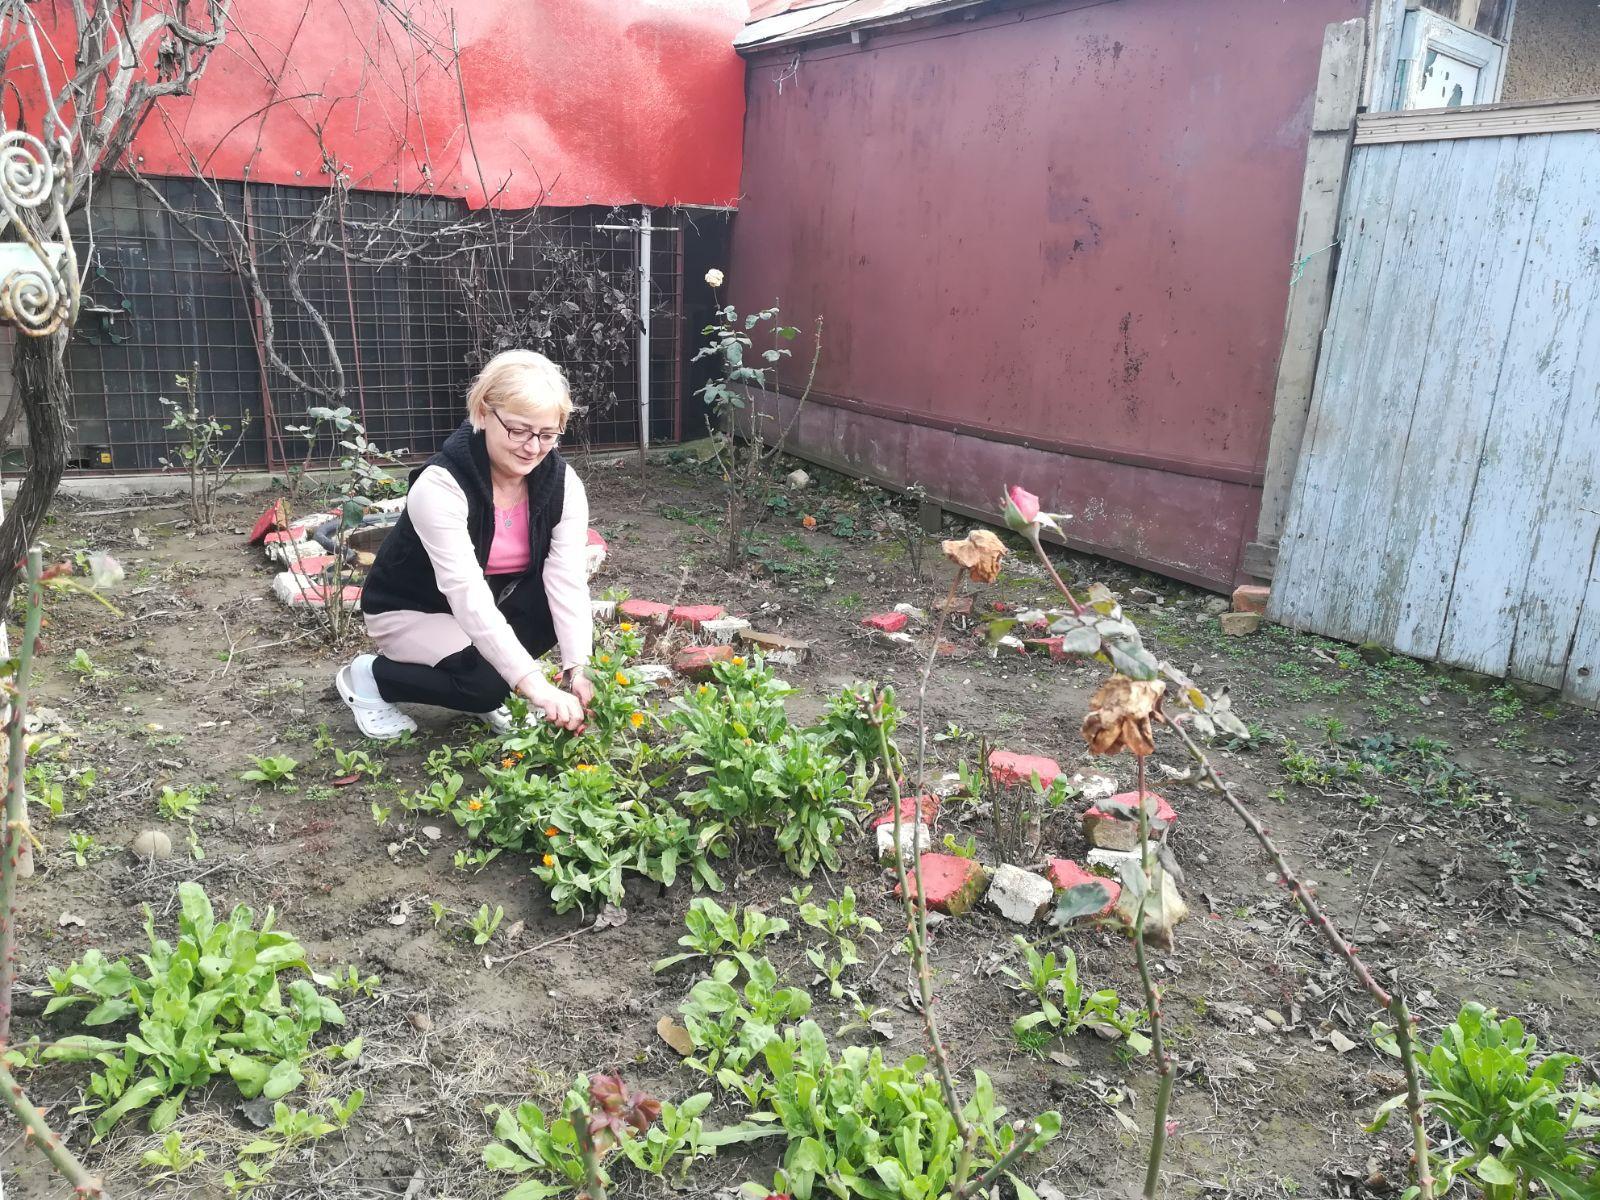 Căpşuni şi flori de primăvară, apărute în ianuarie din cauza temperaturilor ridicate - GALERIE FOTO